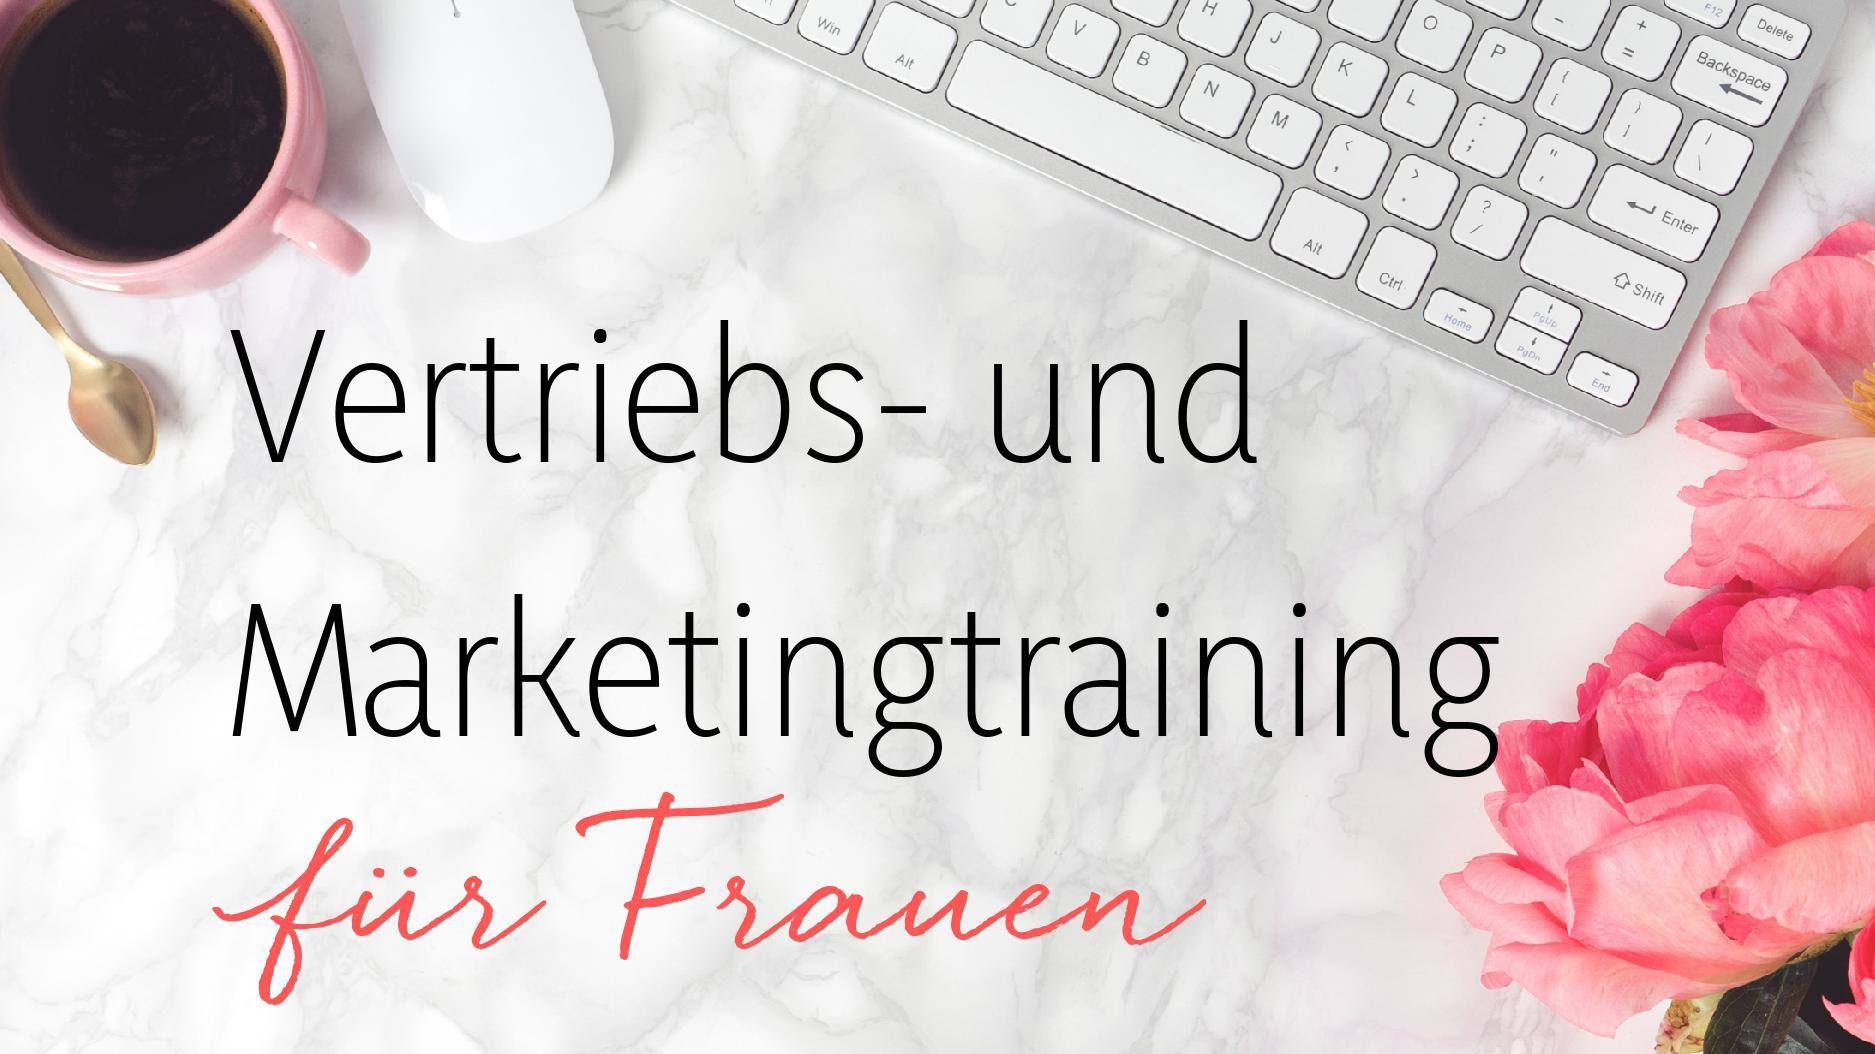 Vertriebs- und Marketingtraining für Frauen